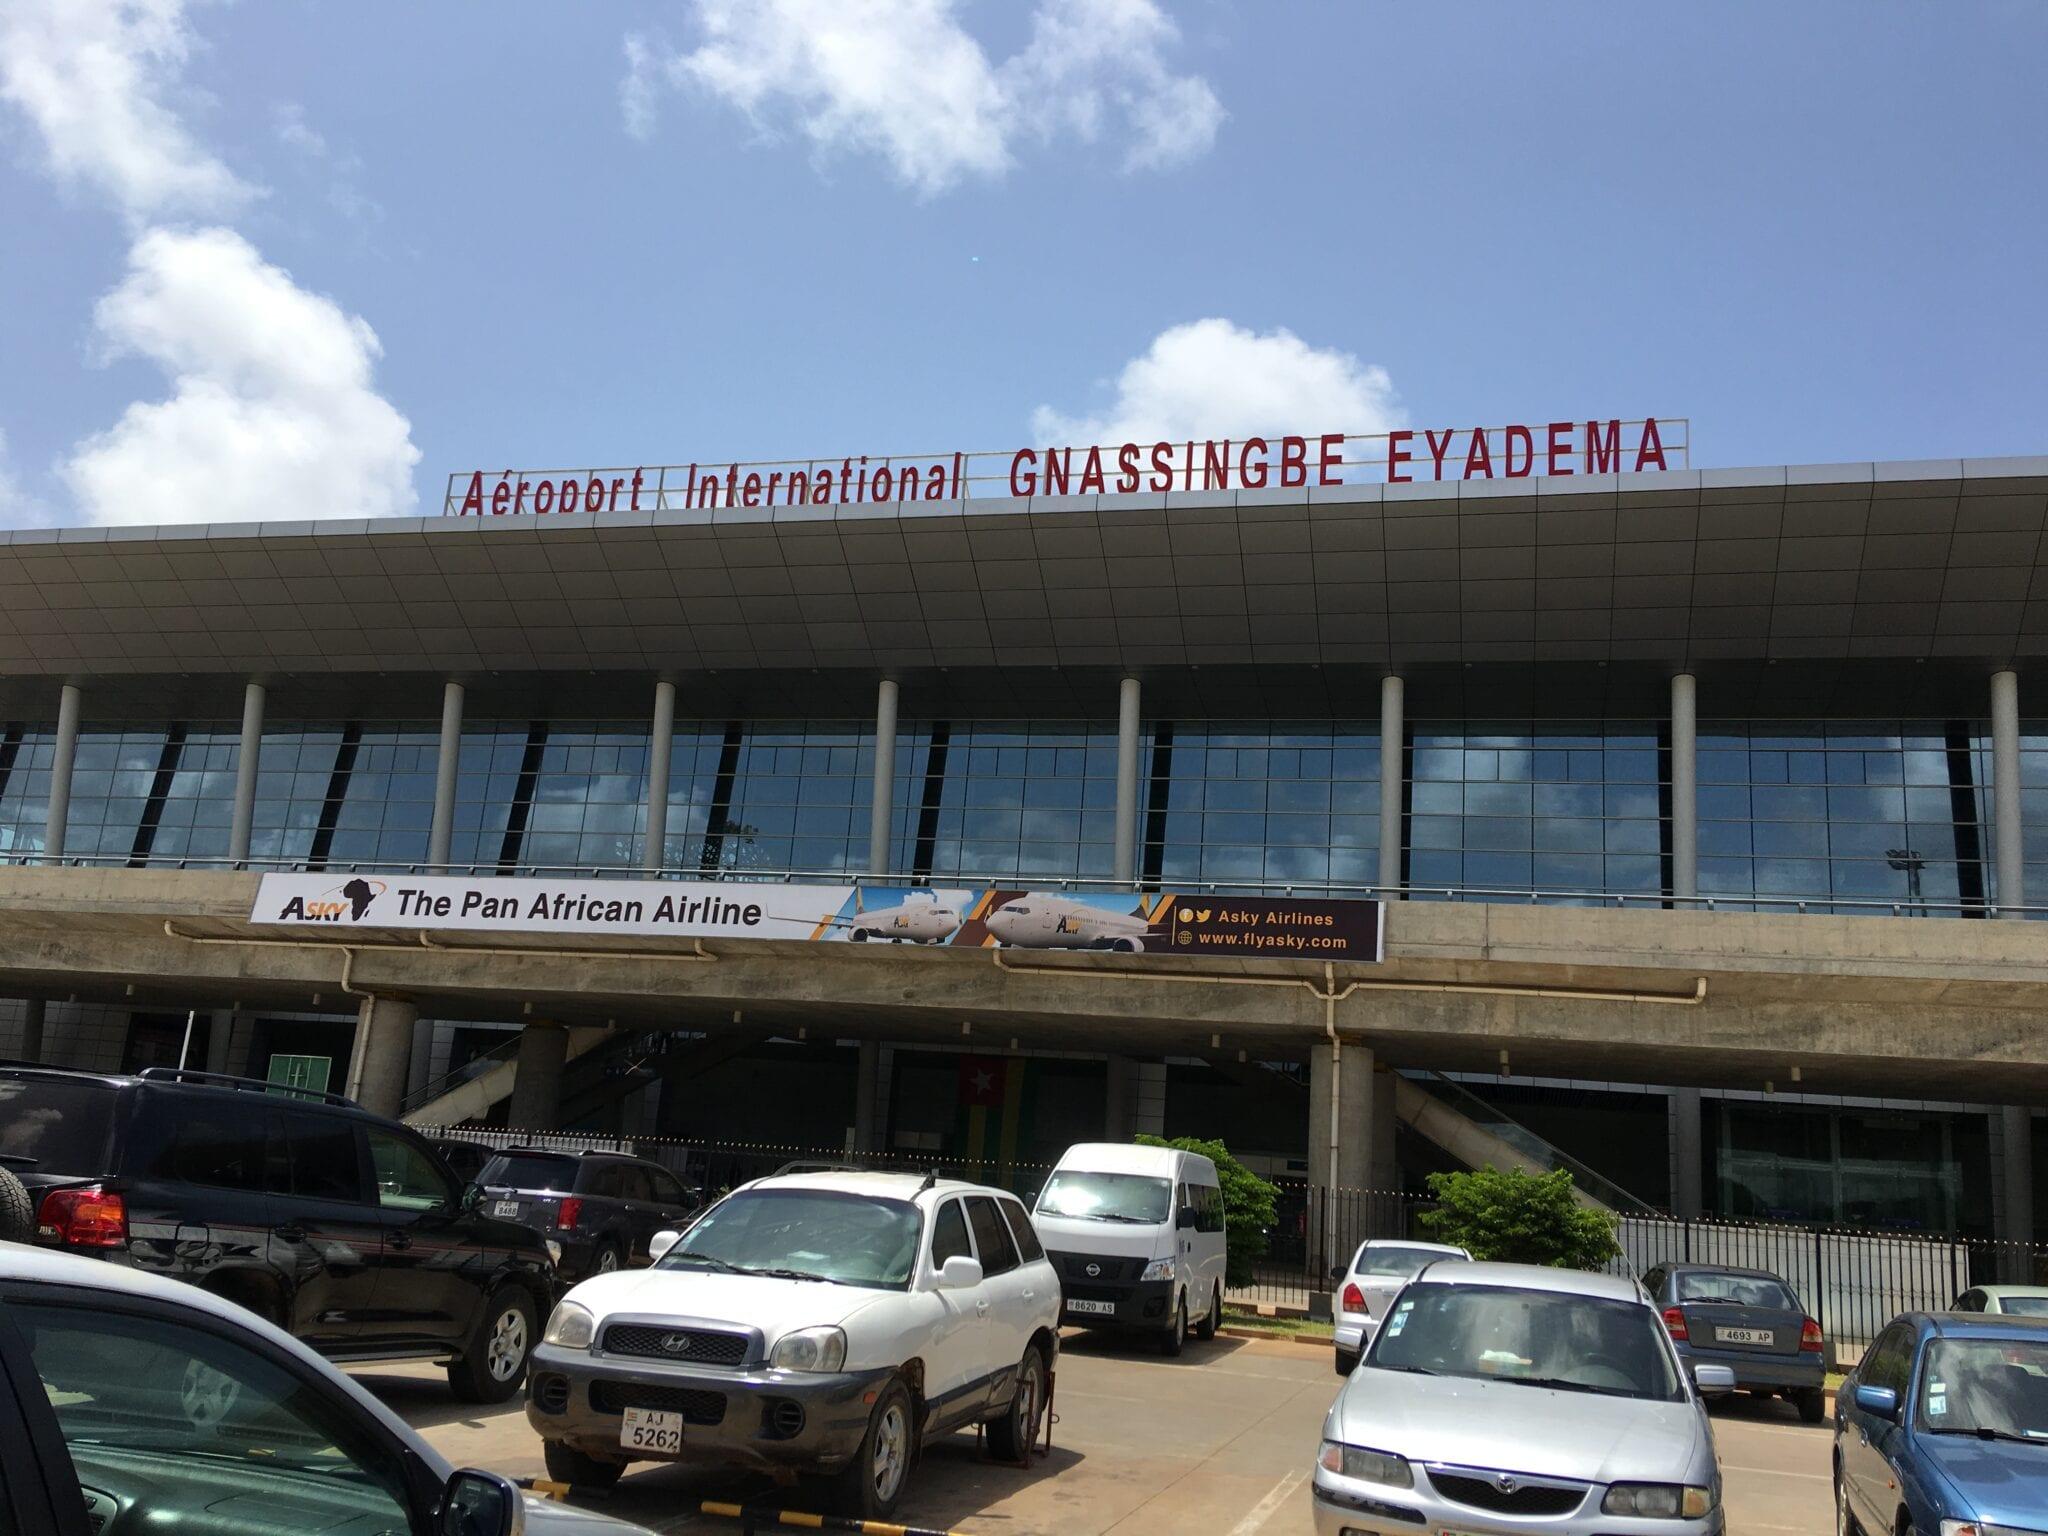 Des Prêtres Vodou Sollicités À L'Aéroport De Lomé Pour La Purification D'Un Avion